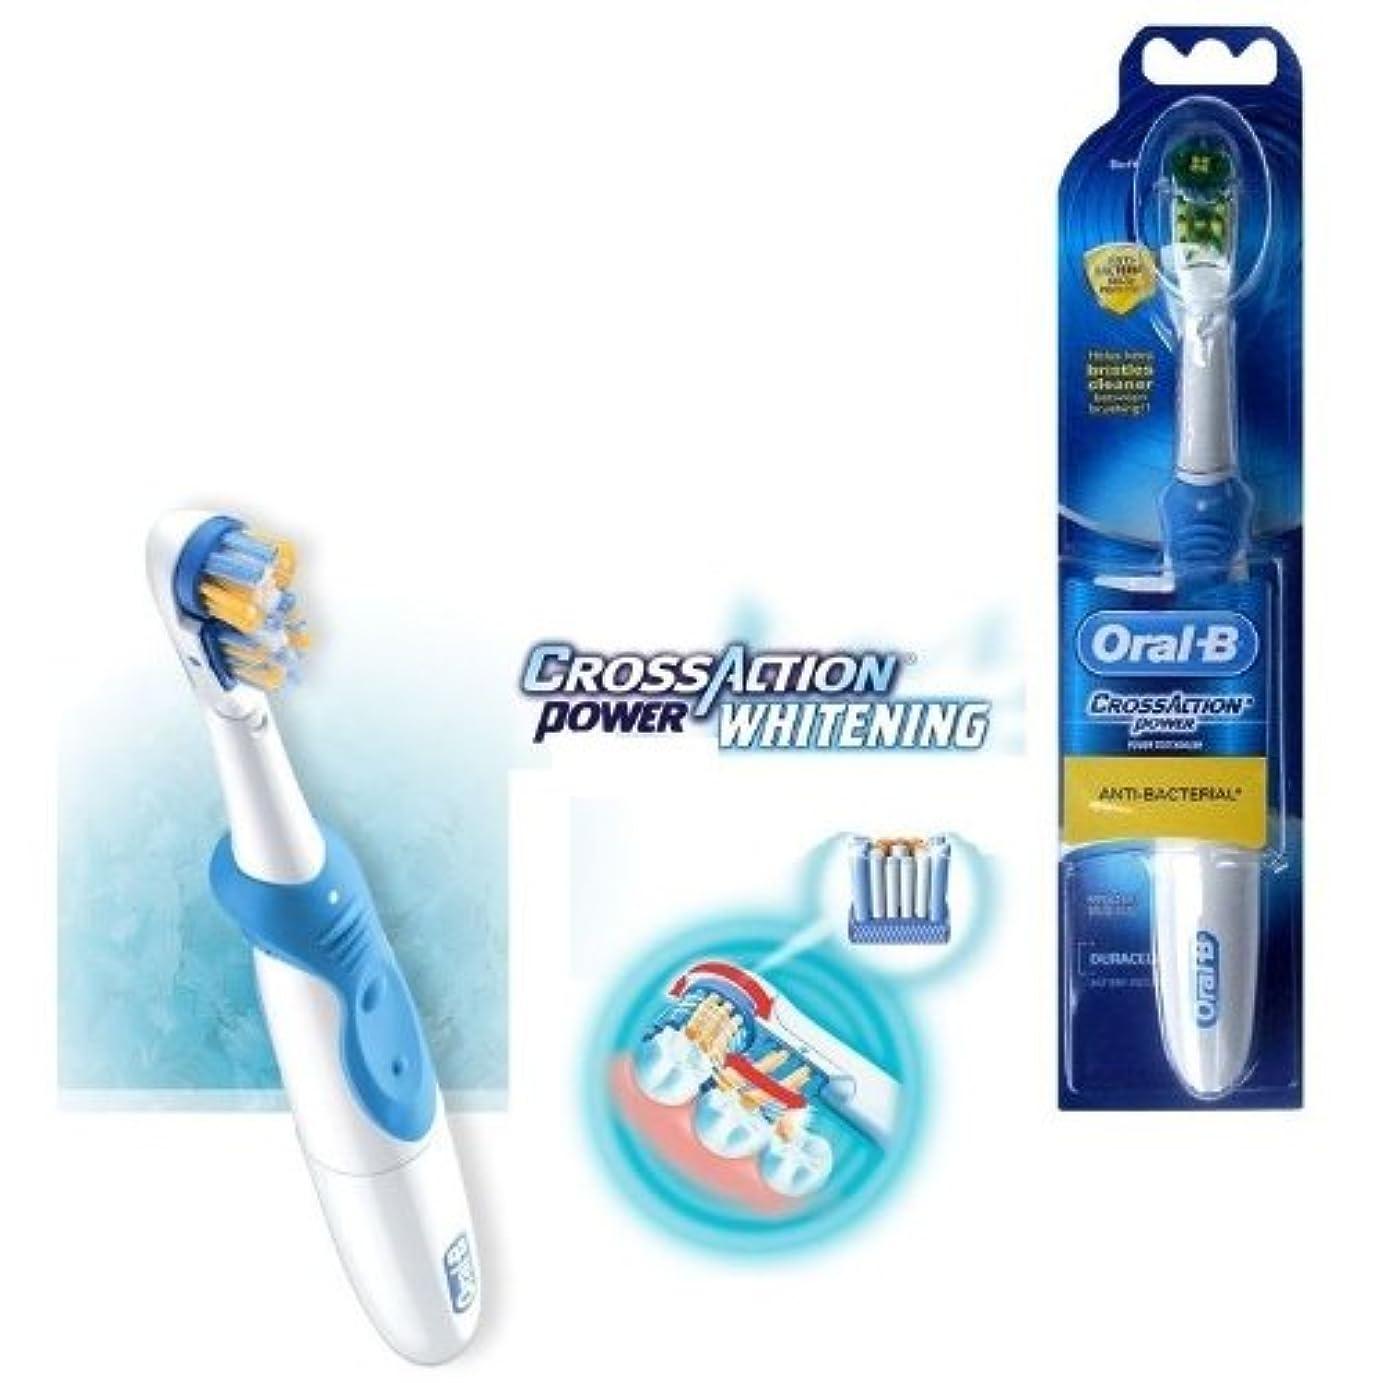 電気好きである百Braun ORAL-B B1010 クロスアクションパワーデュアルクリーンクレストホワイト電動歯ブラシ [並行輸入品]